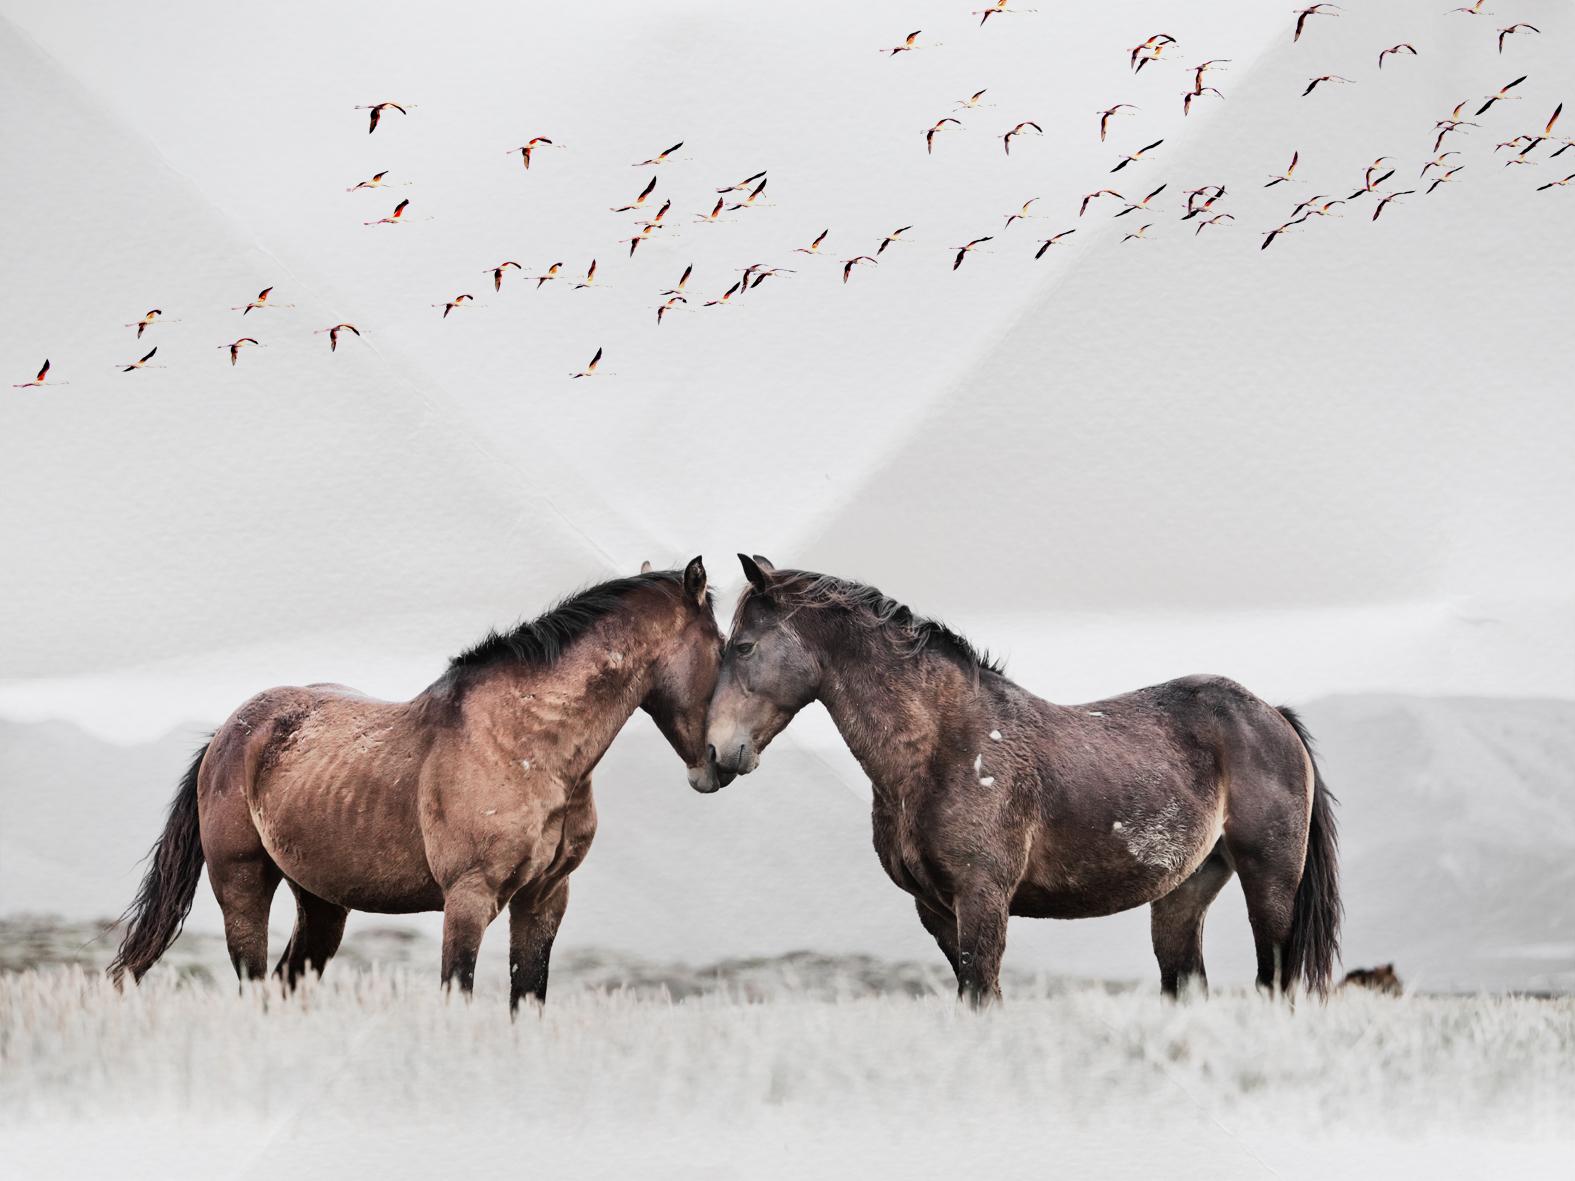 HORSES8-4-3-crop-small